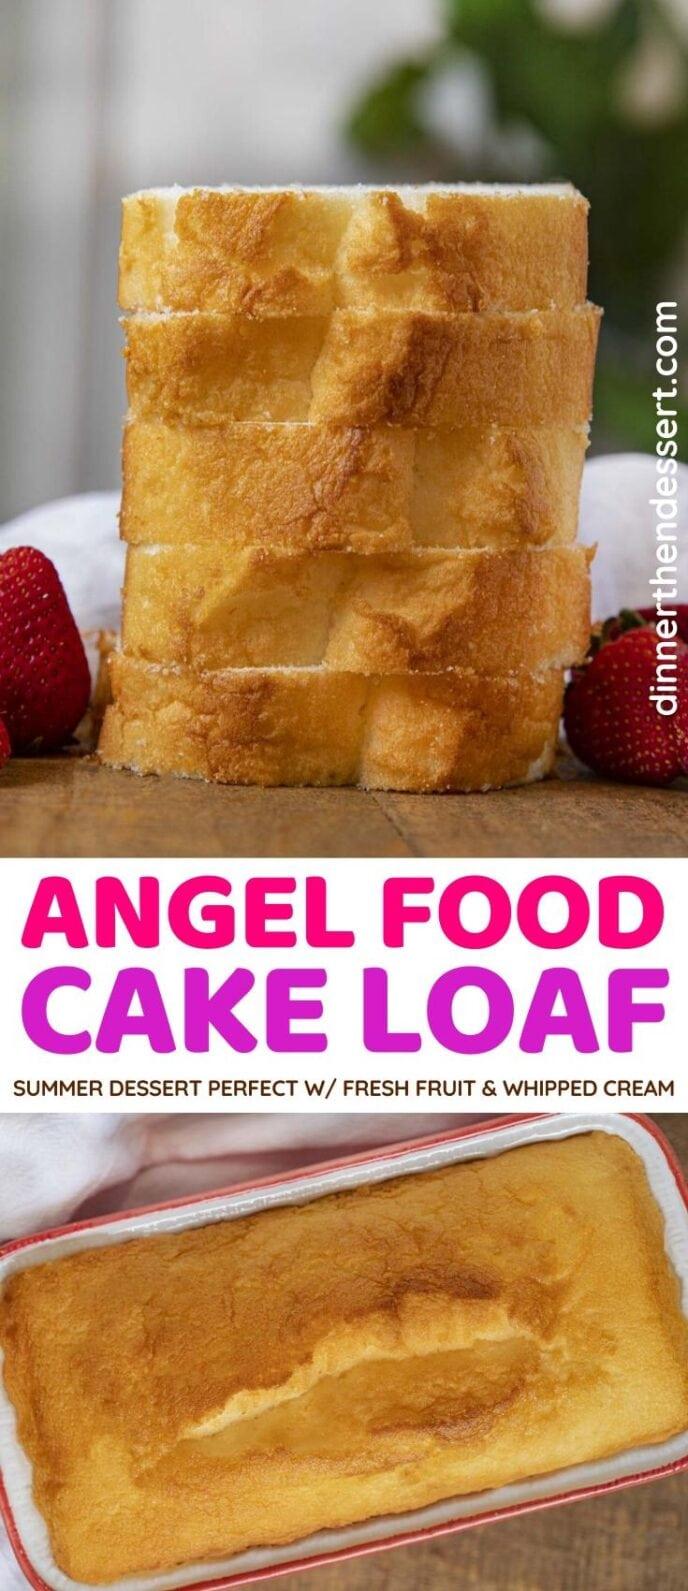 Angel Food Cake Loaf collage